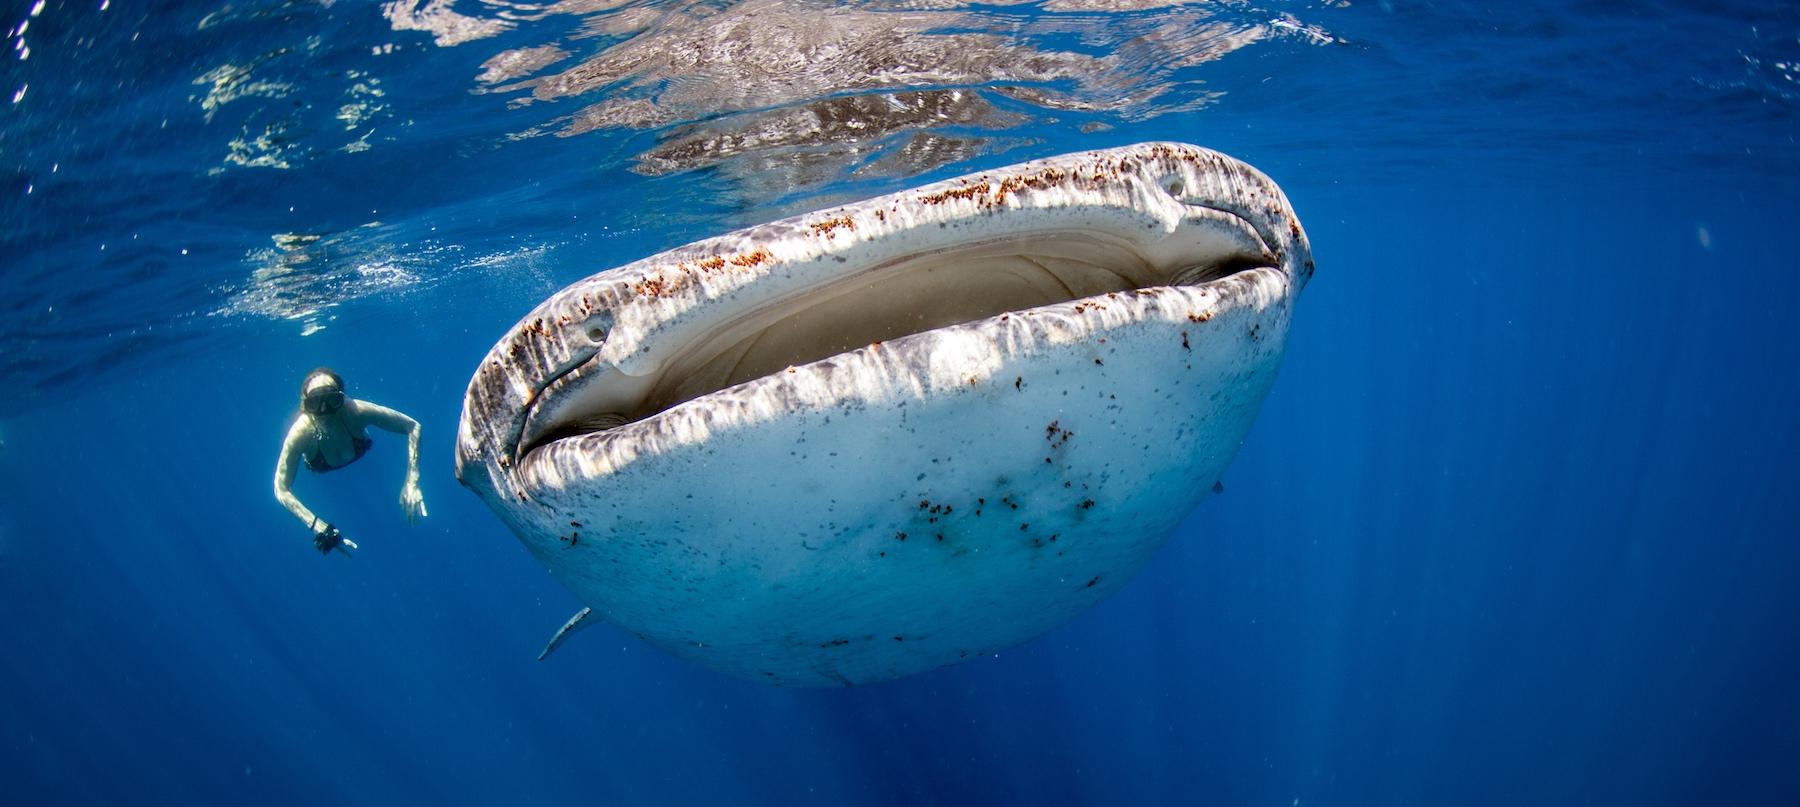 WHALE-SHARK 1800x800